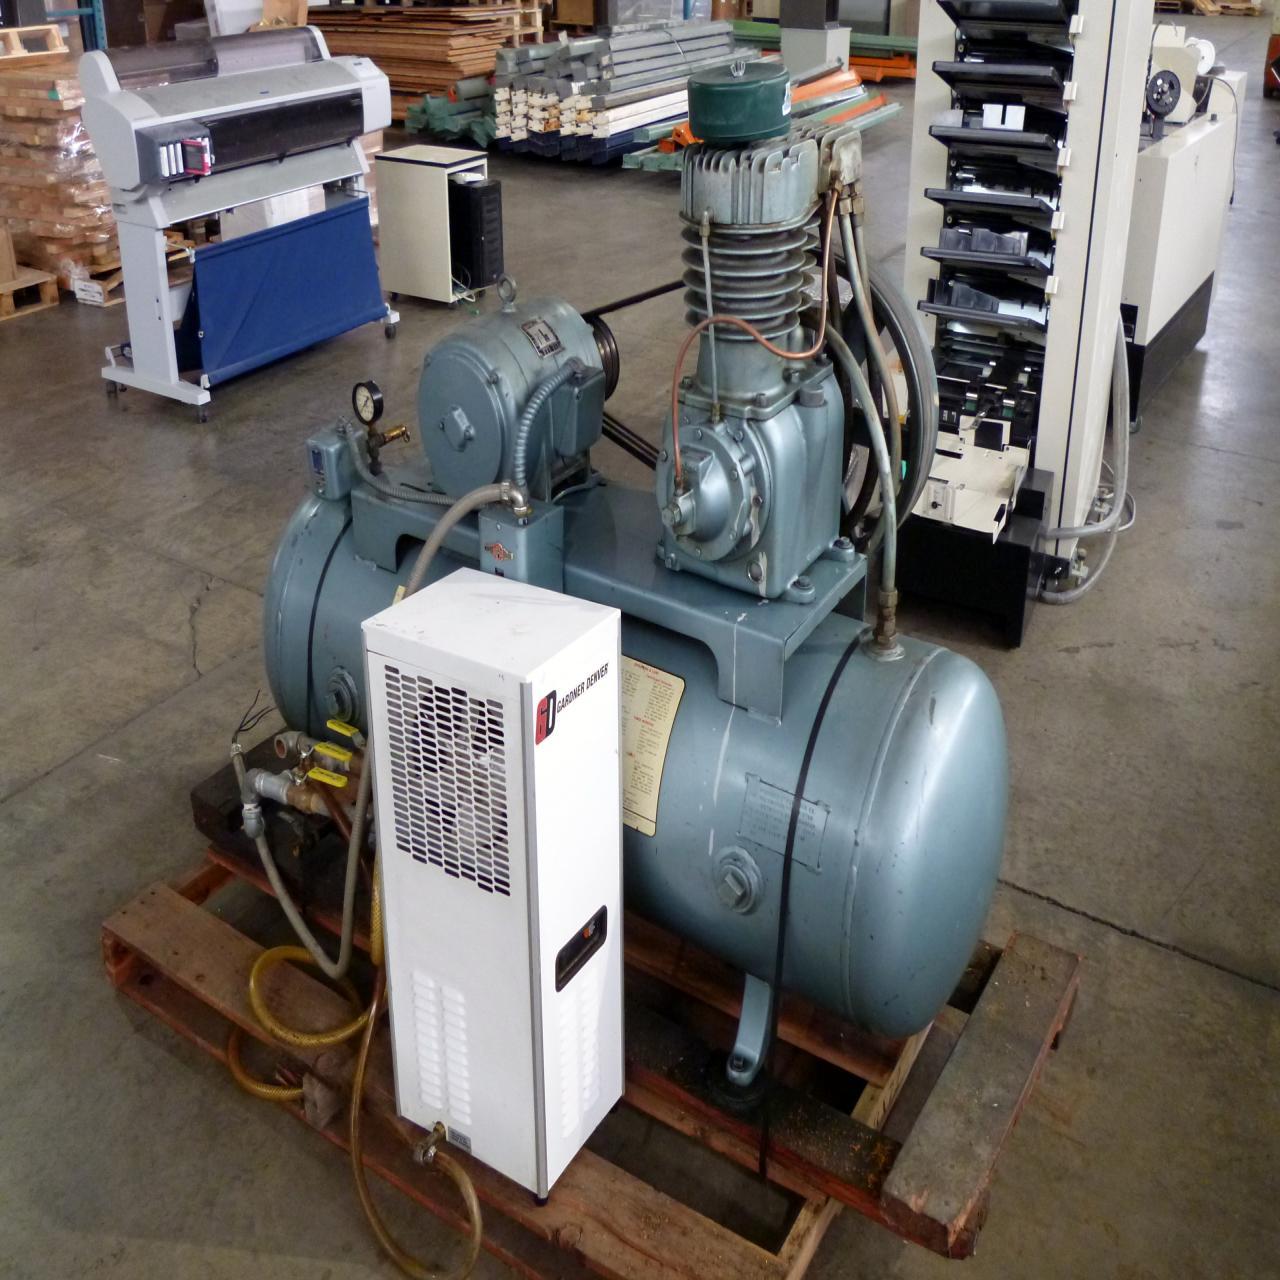 gardner denver air dryer service manual